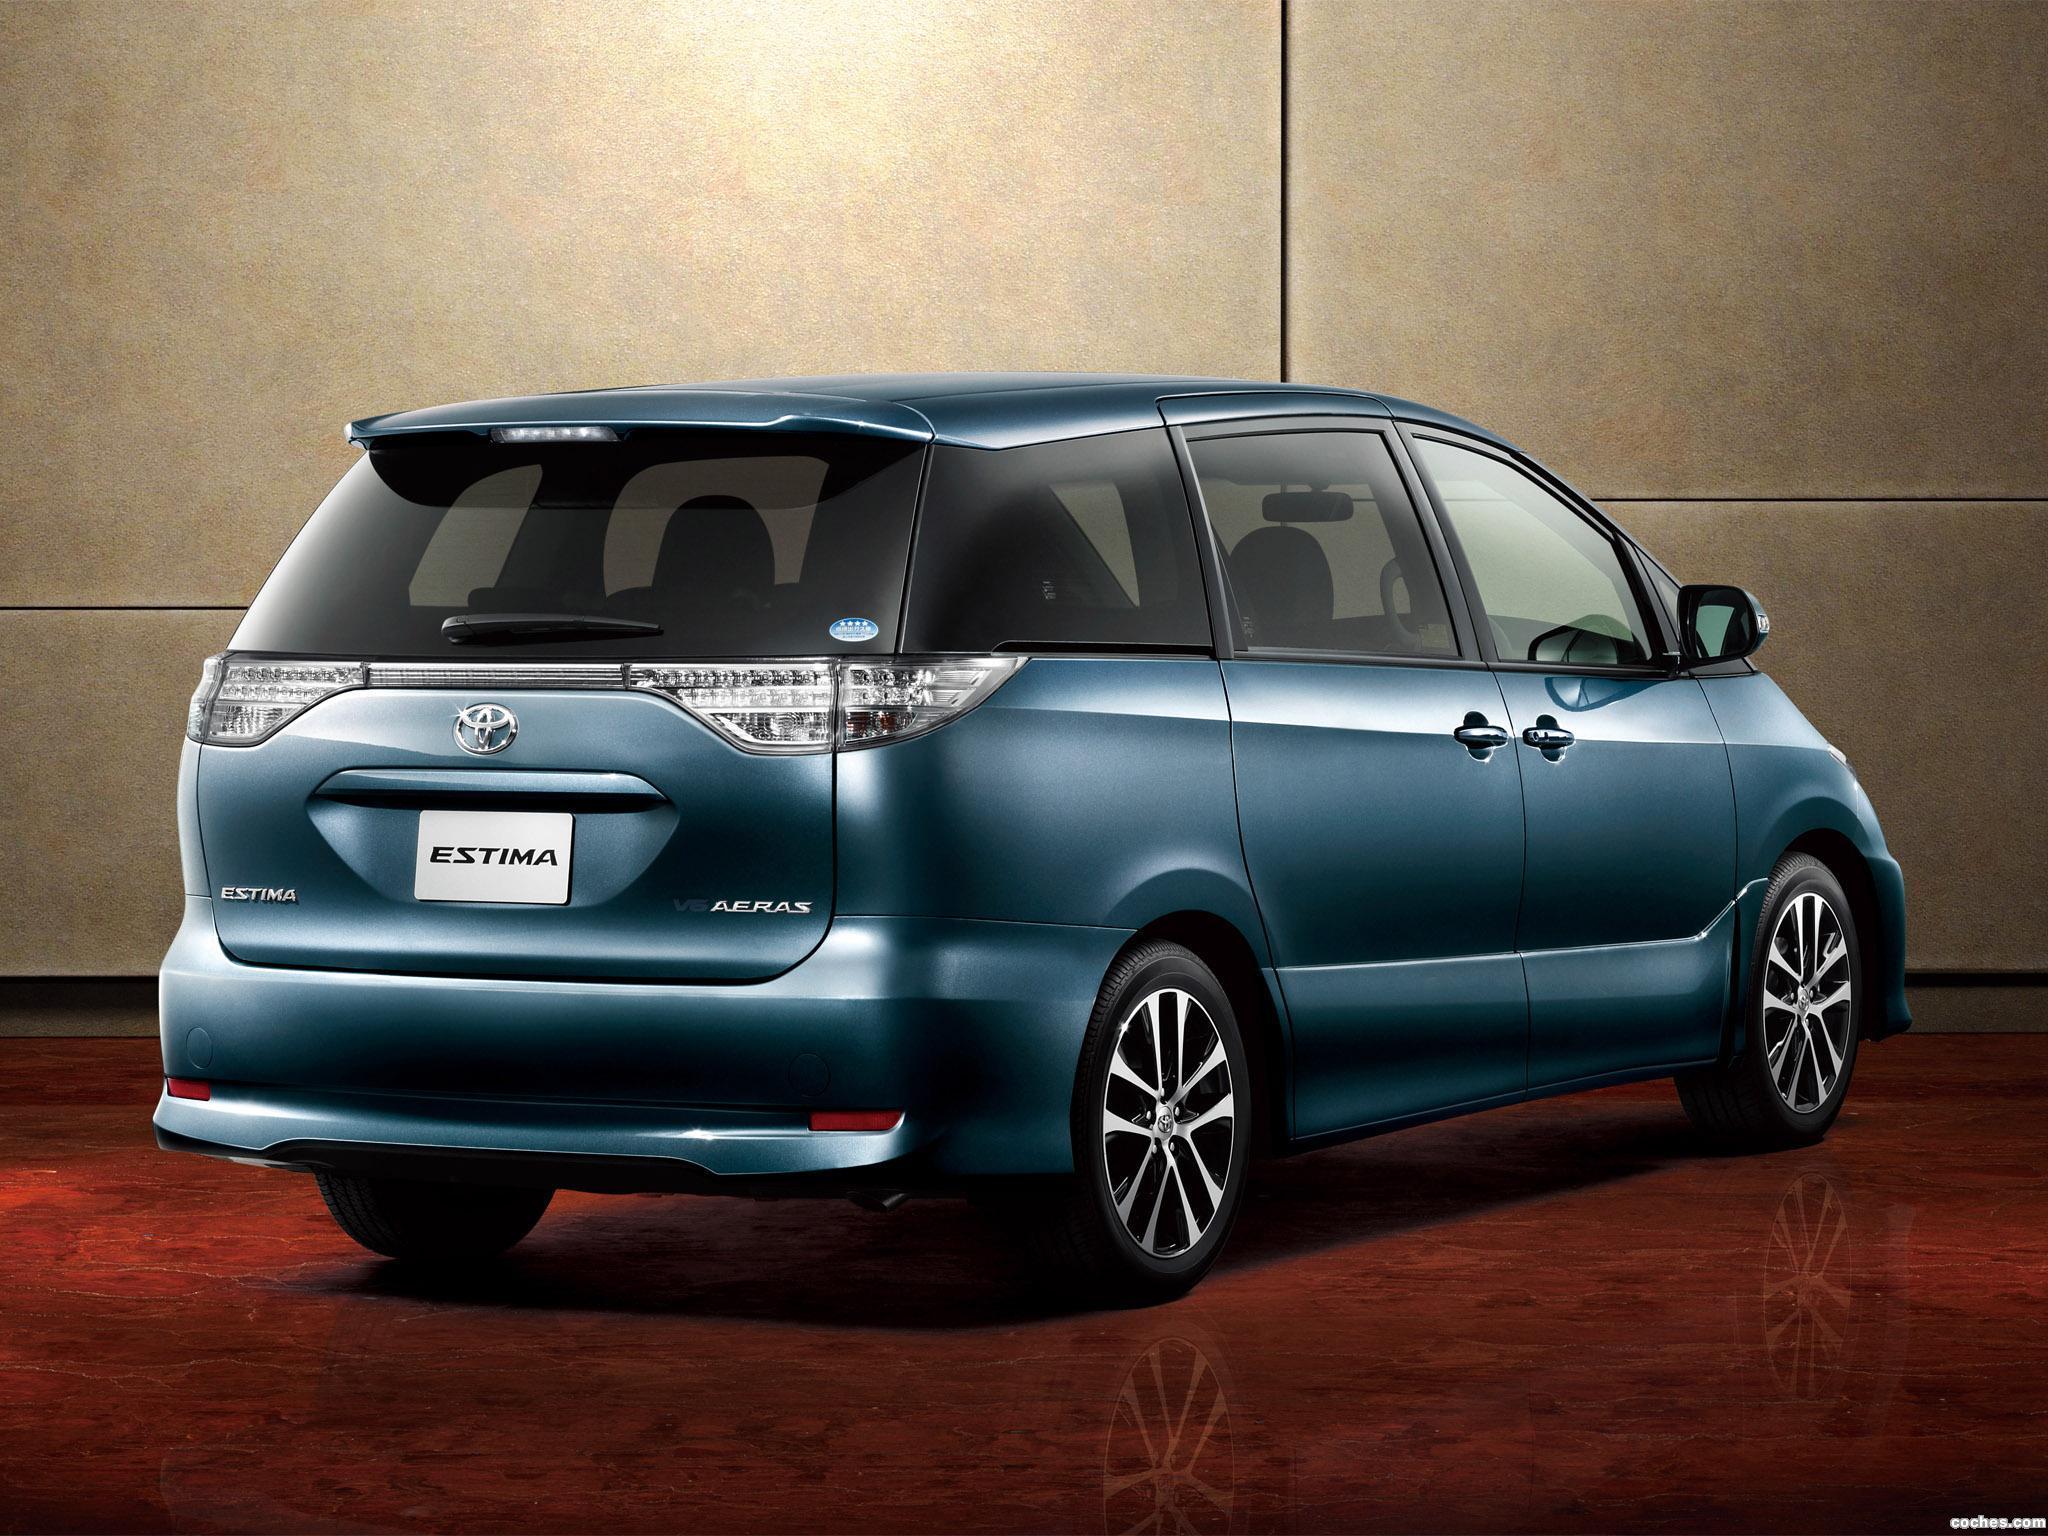 Foto 1 de Toyota Estima Aeras 2012